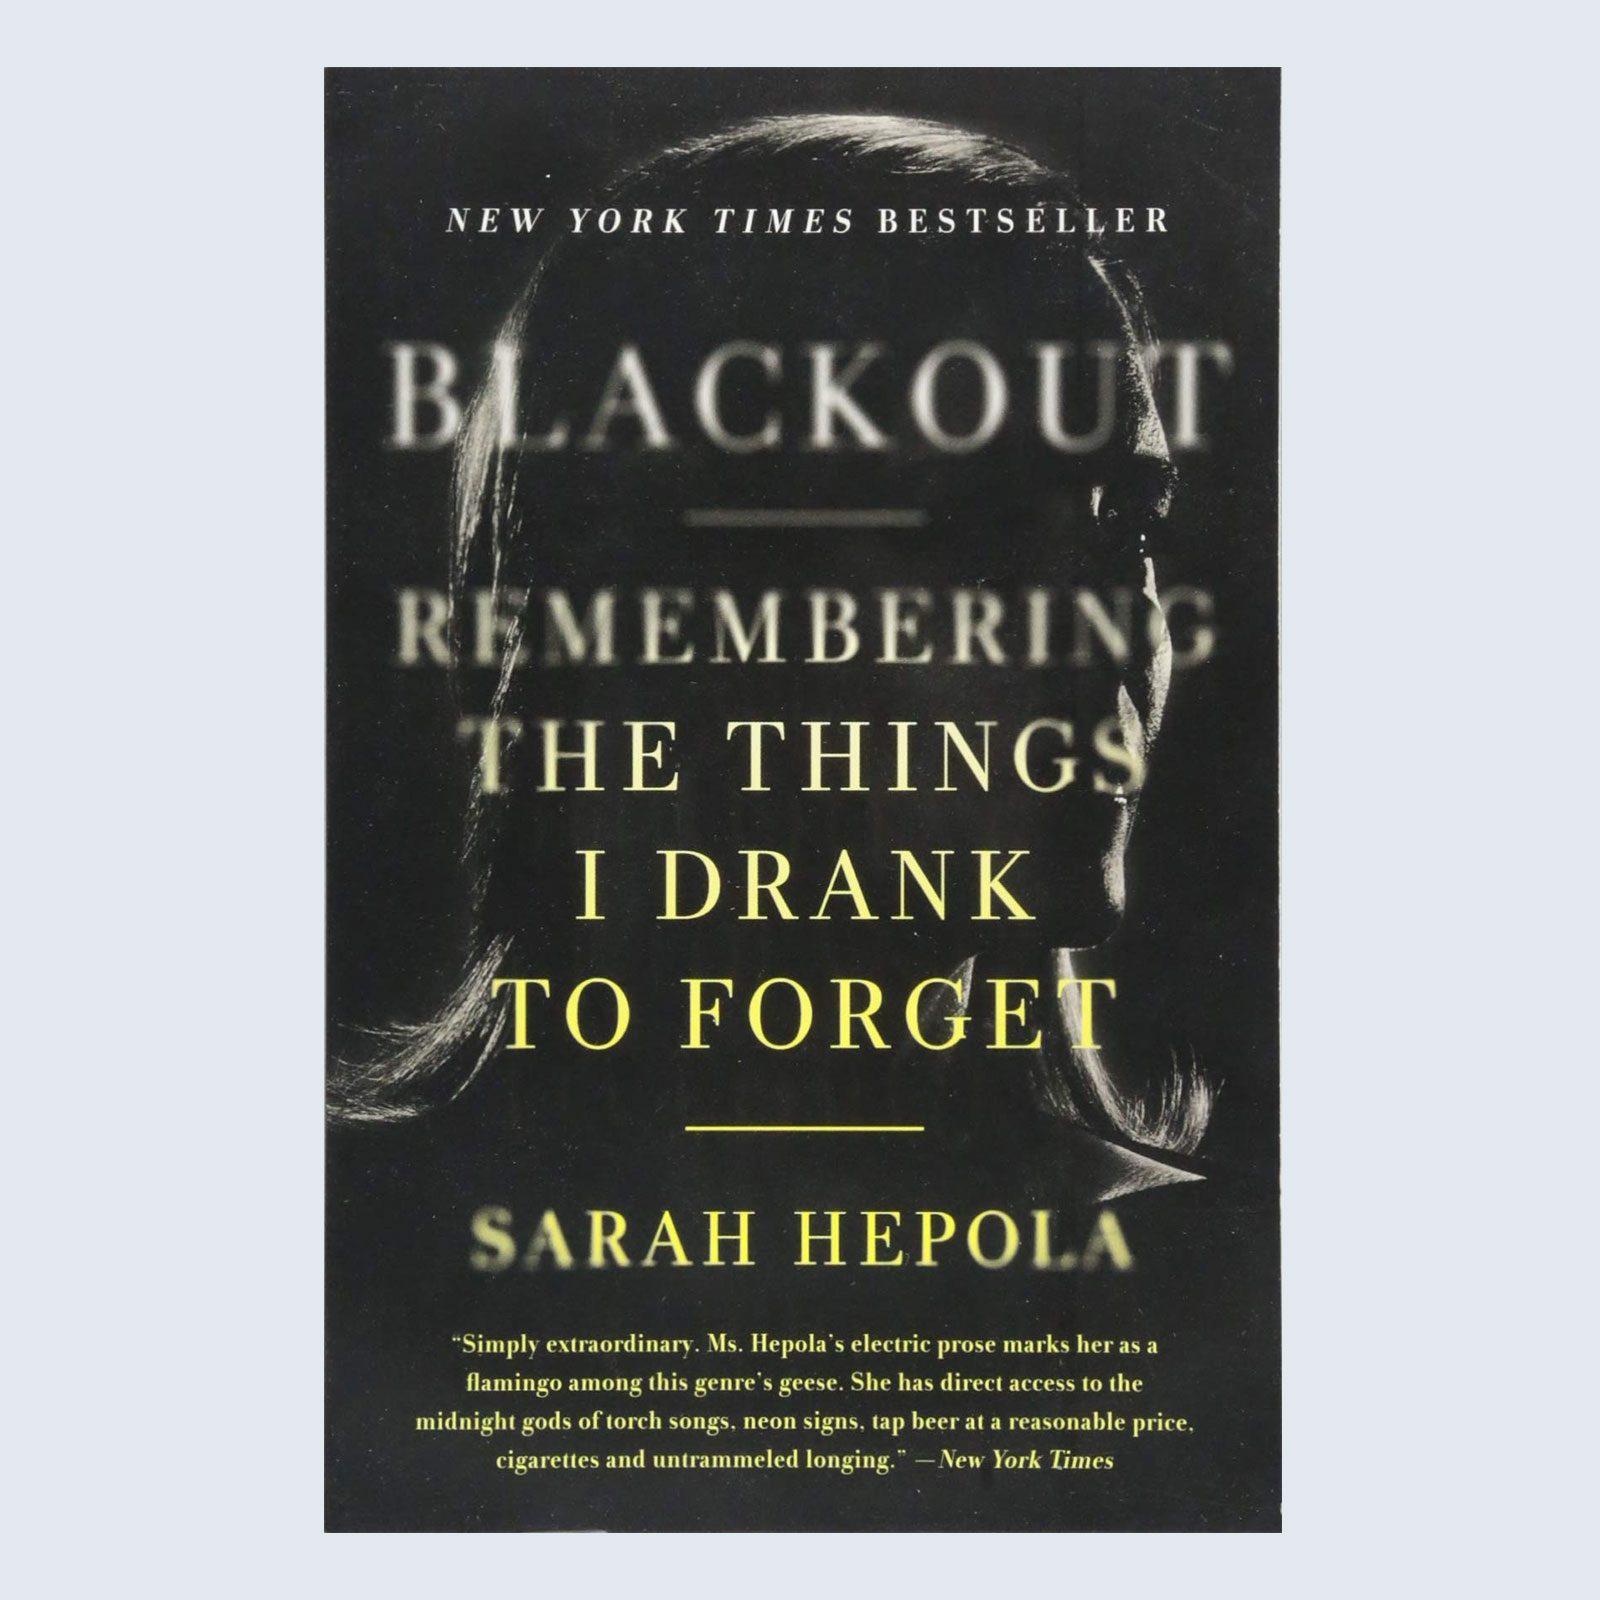 Blackout bySarah Hepola